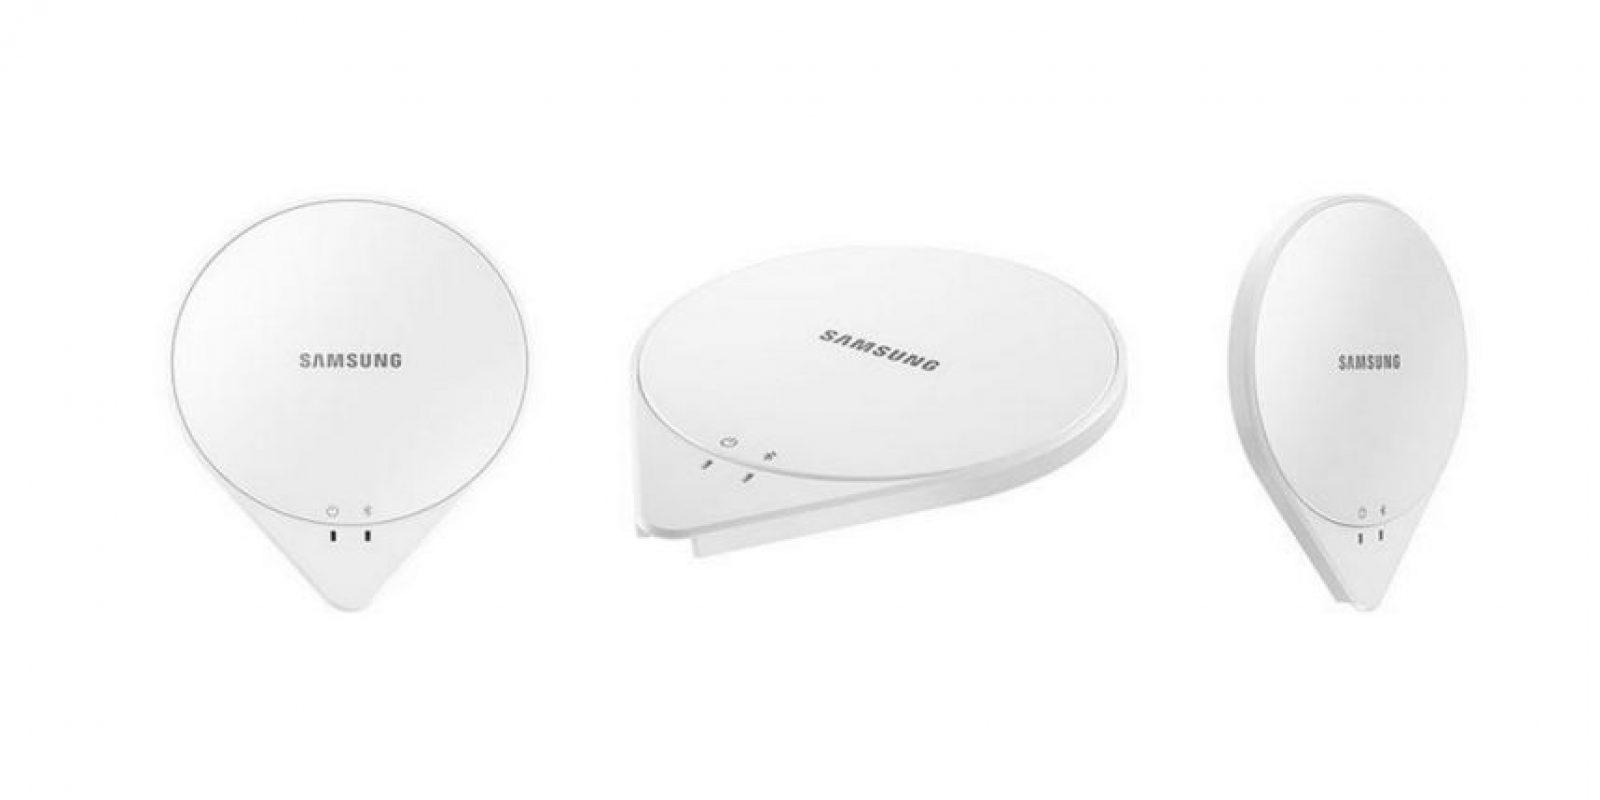 La compañía apuesta por la interconexión como formula para ganar fanáticos Foto:Samsung